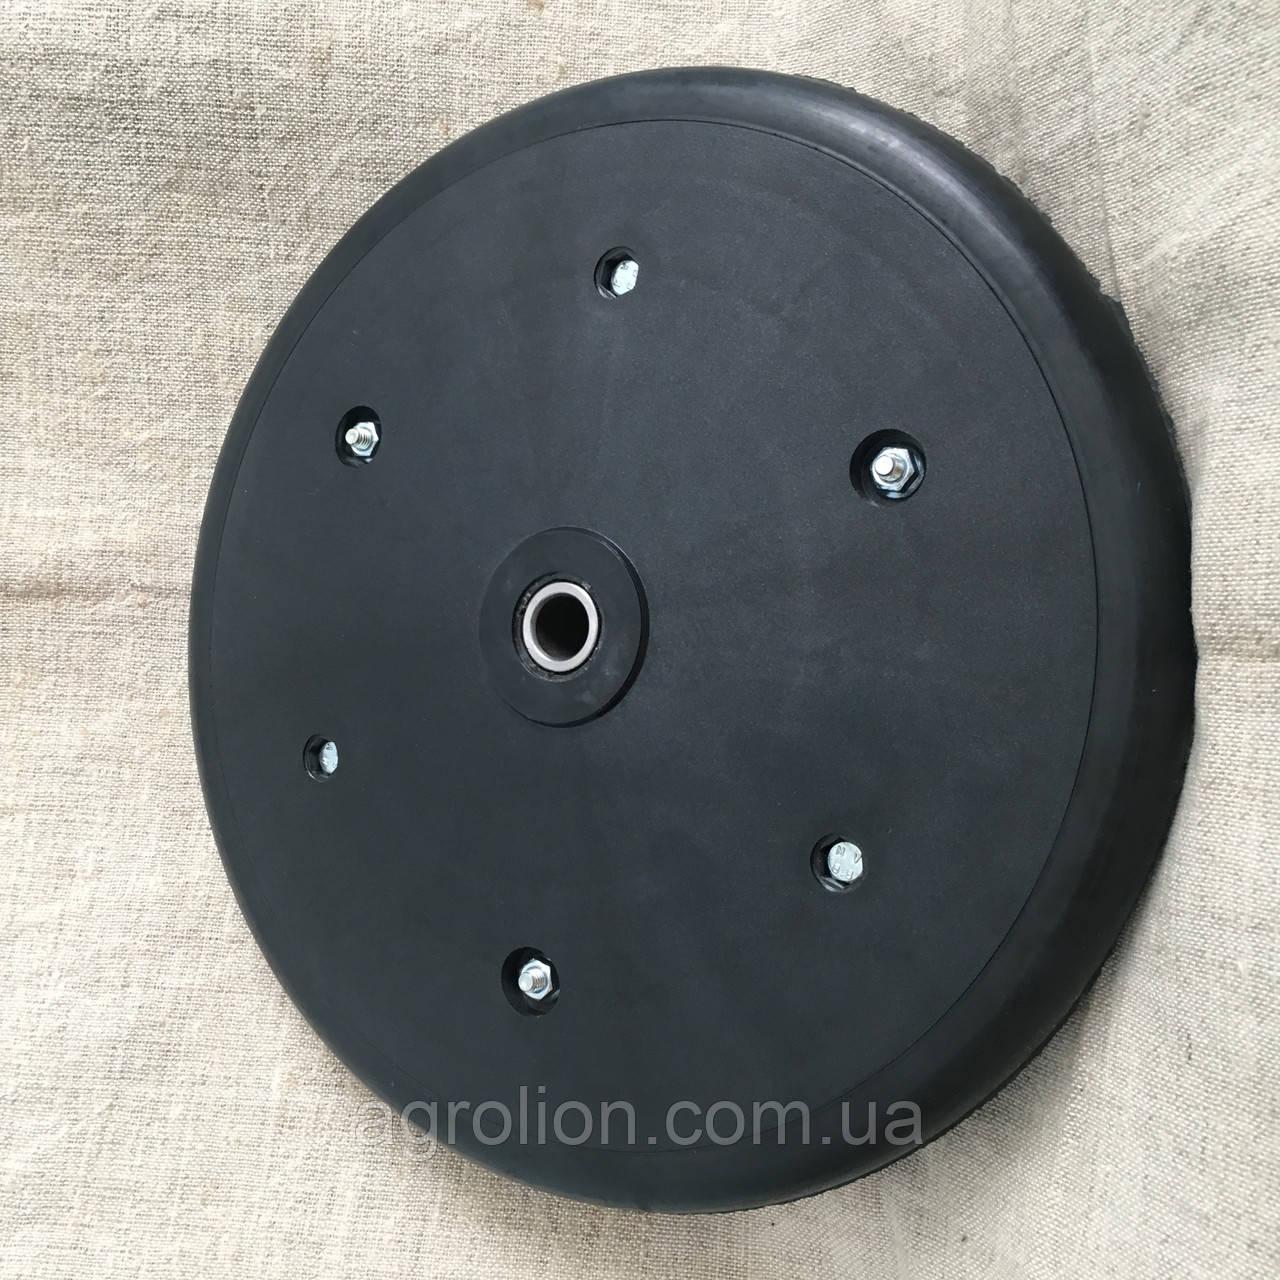 """Прикотуюче колесо в зборі ( диск поліамід) з підшипником  1"""" x 12"""", John Deere,  AA39968"""